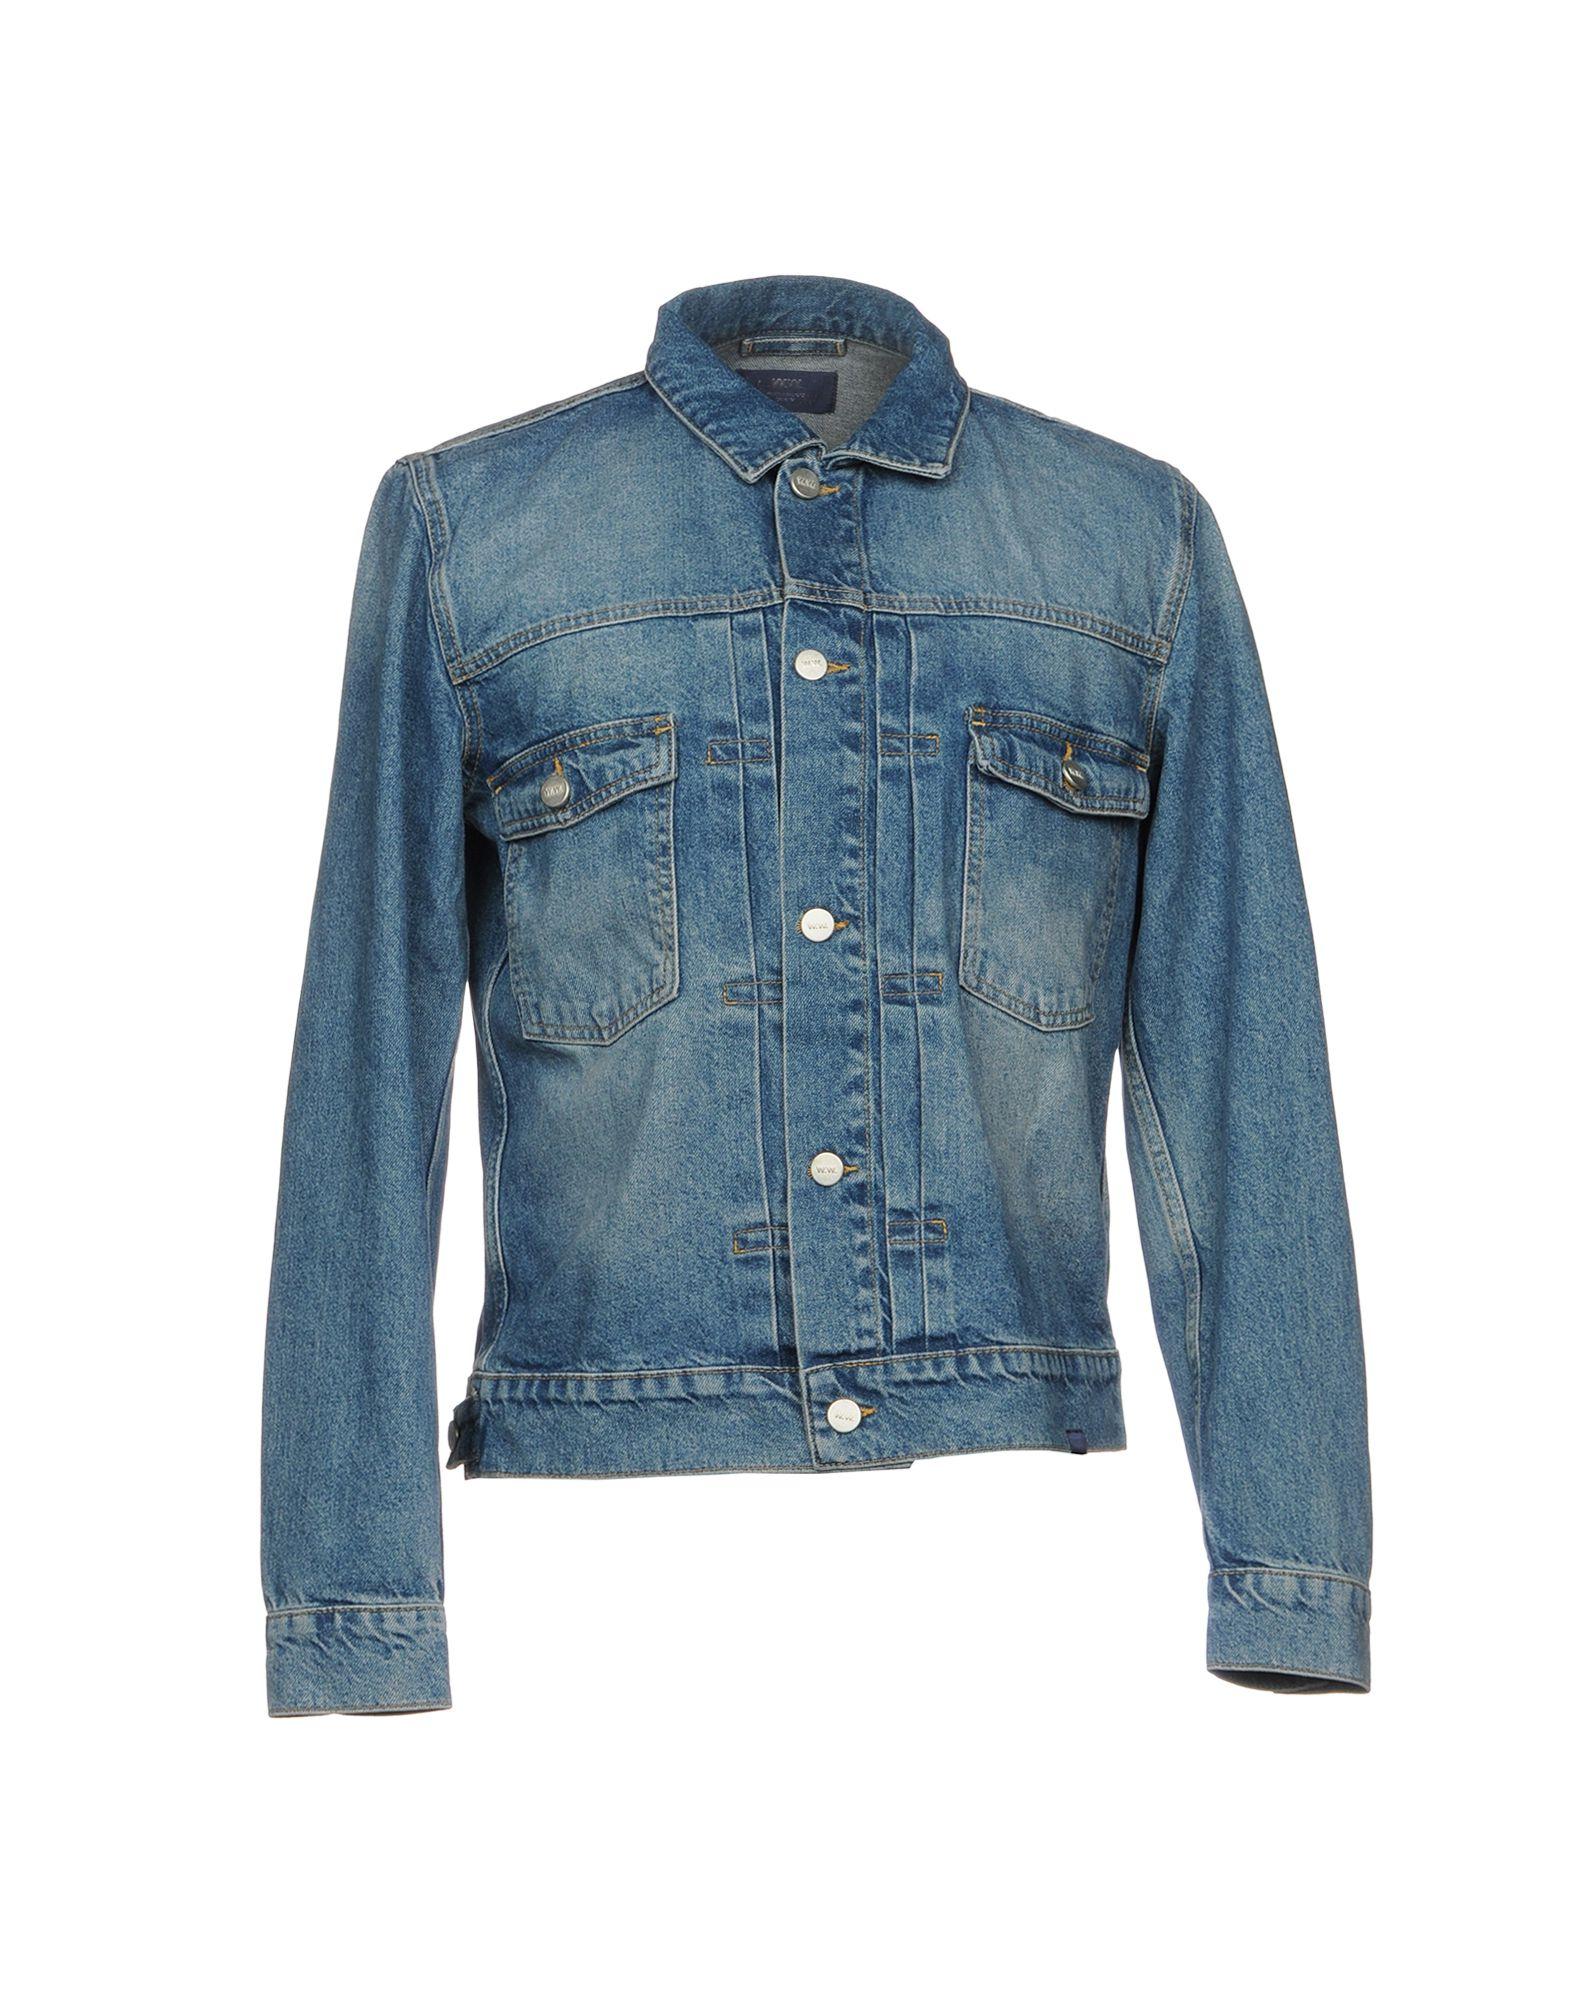 WOOD WOOD Джинсовая верхняя одежда wood wood джинсовая верхняя одежда